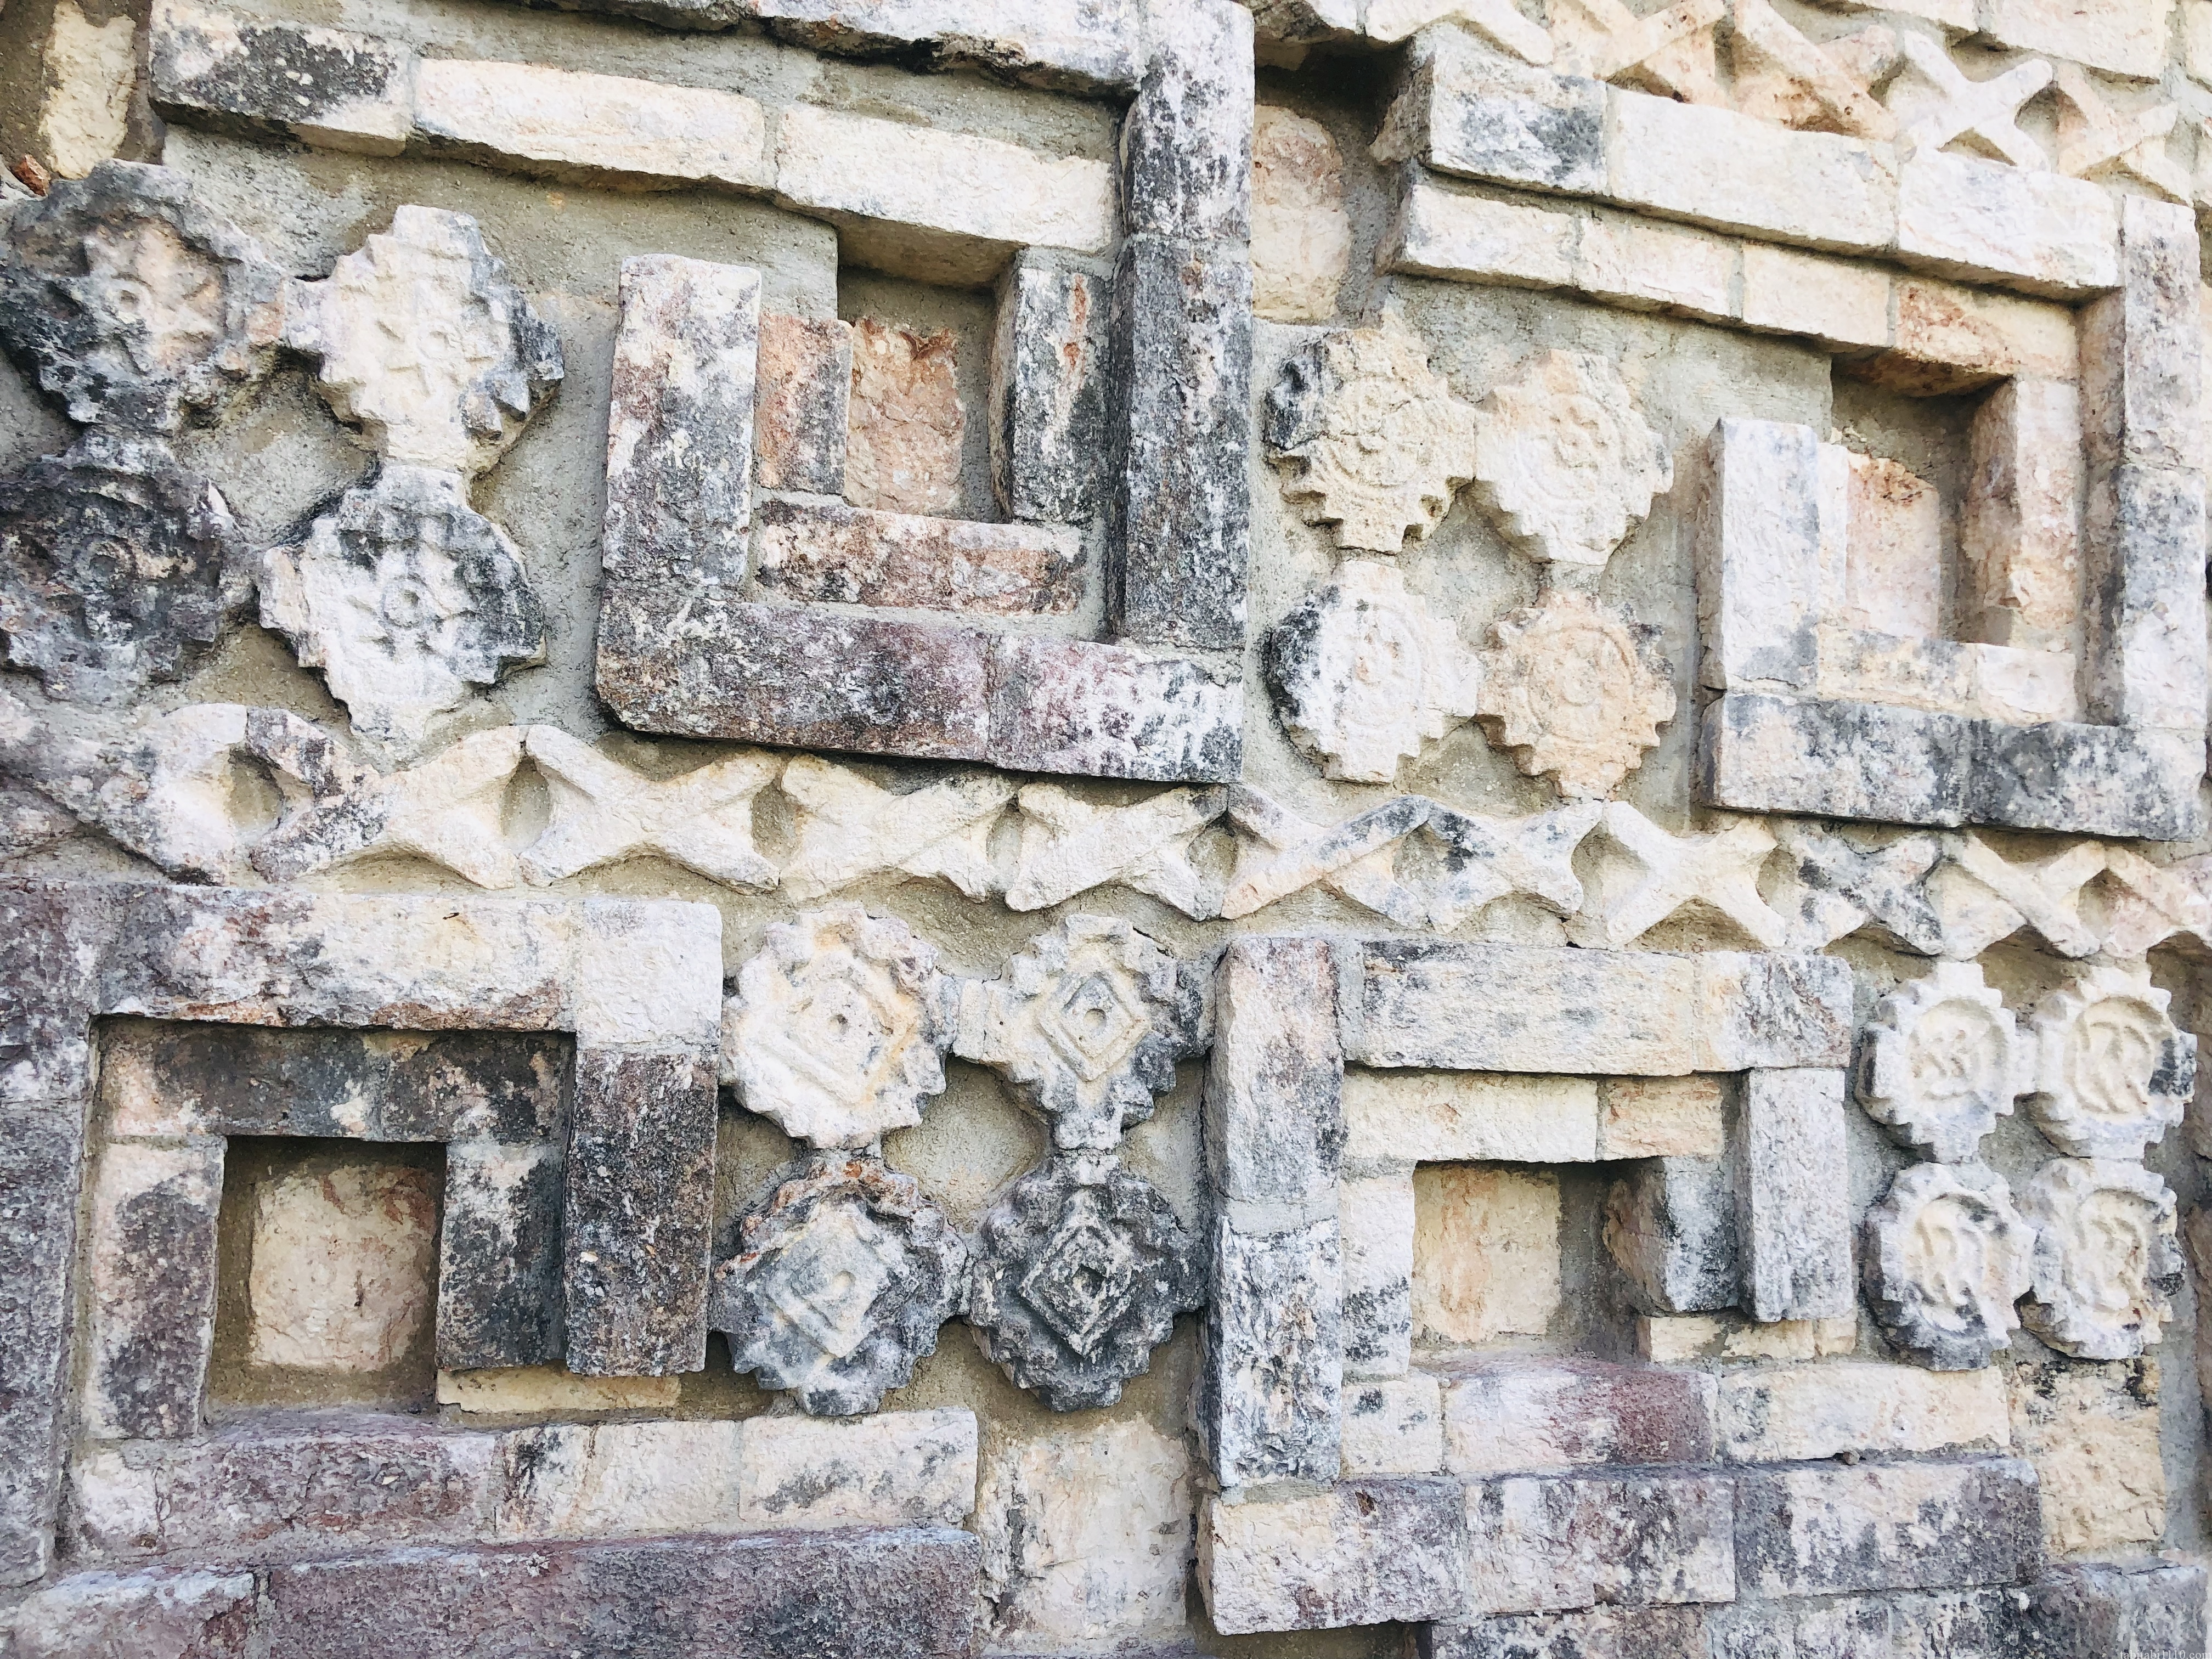 ウシュマル遺跡|グランピラミッド